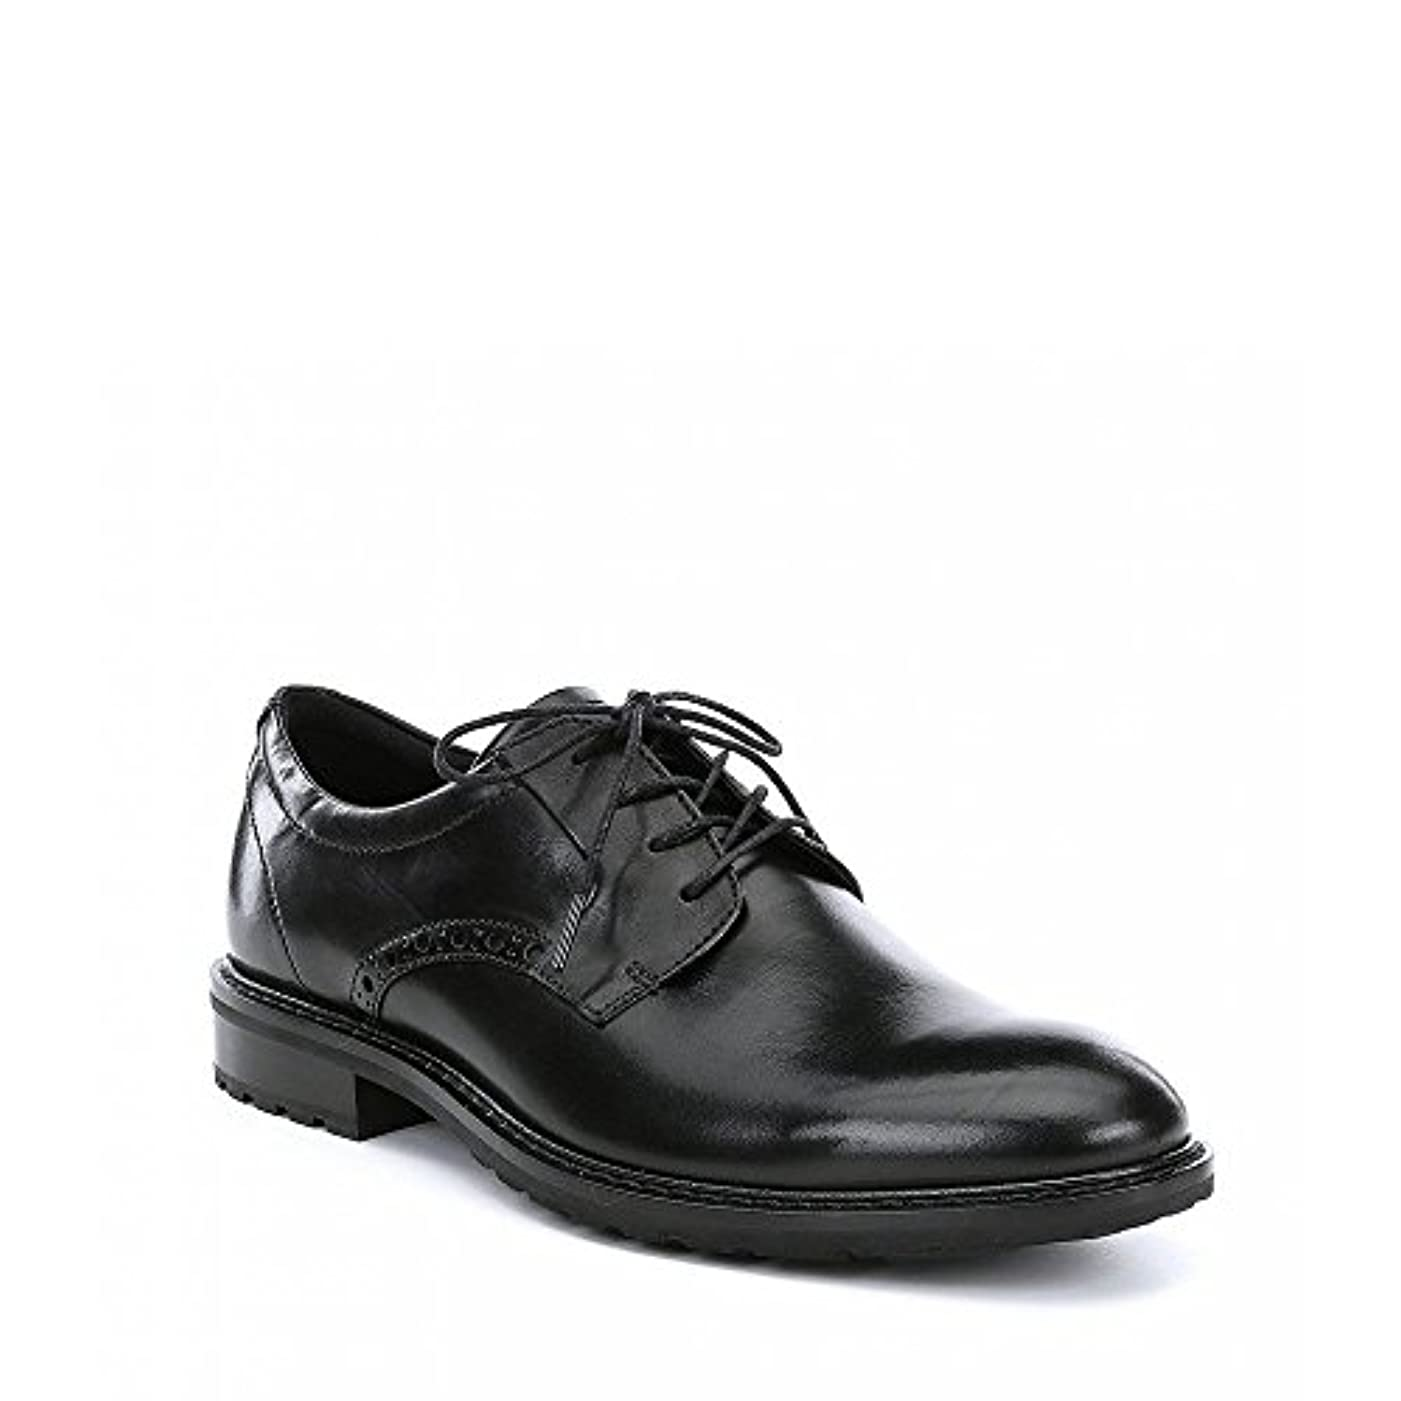 でる神聖ペン(エコー) ECCO メンズ シューズ?靴 革靴?ビジネスシューズ Vitrus I Oxfords [並行輸入品]